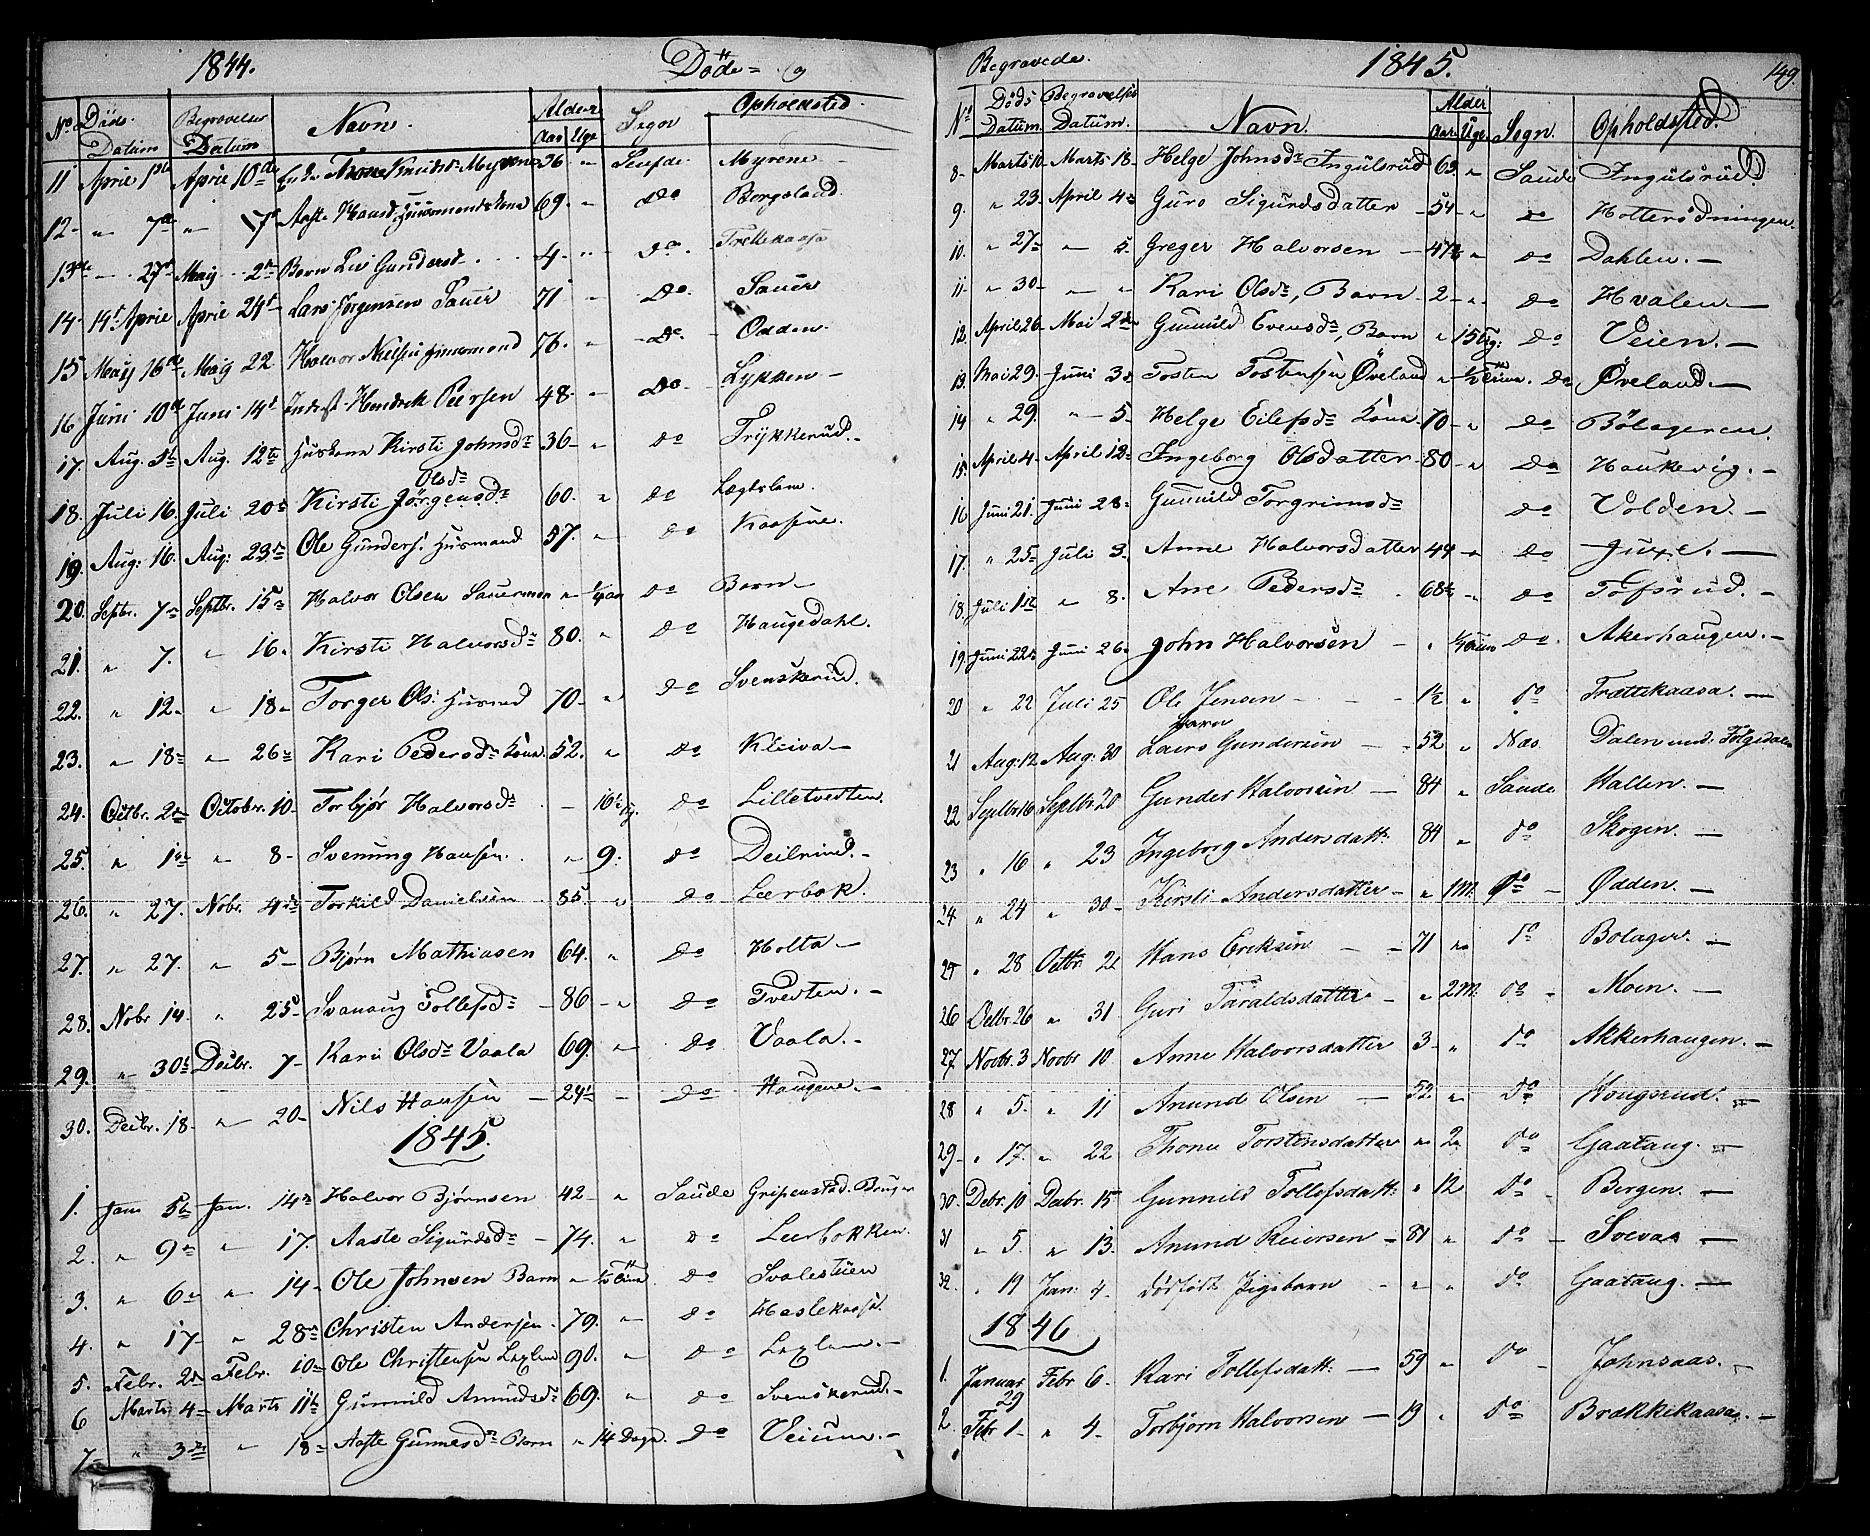 SAKO, Sauherad kirkebøker, G/Ga/L0002: Klokkerbok nr. I 2, 1842-1866, s. 149